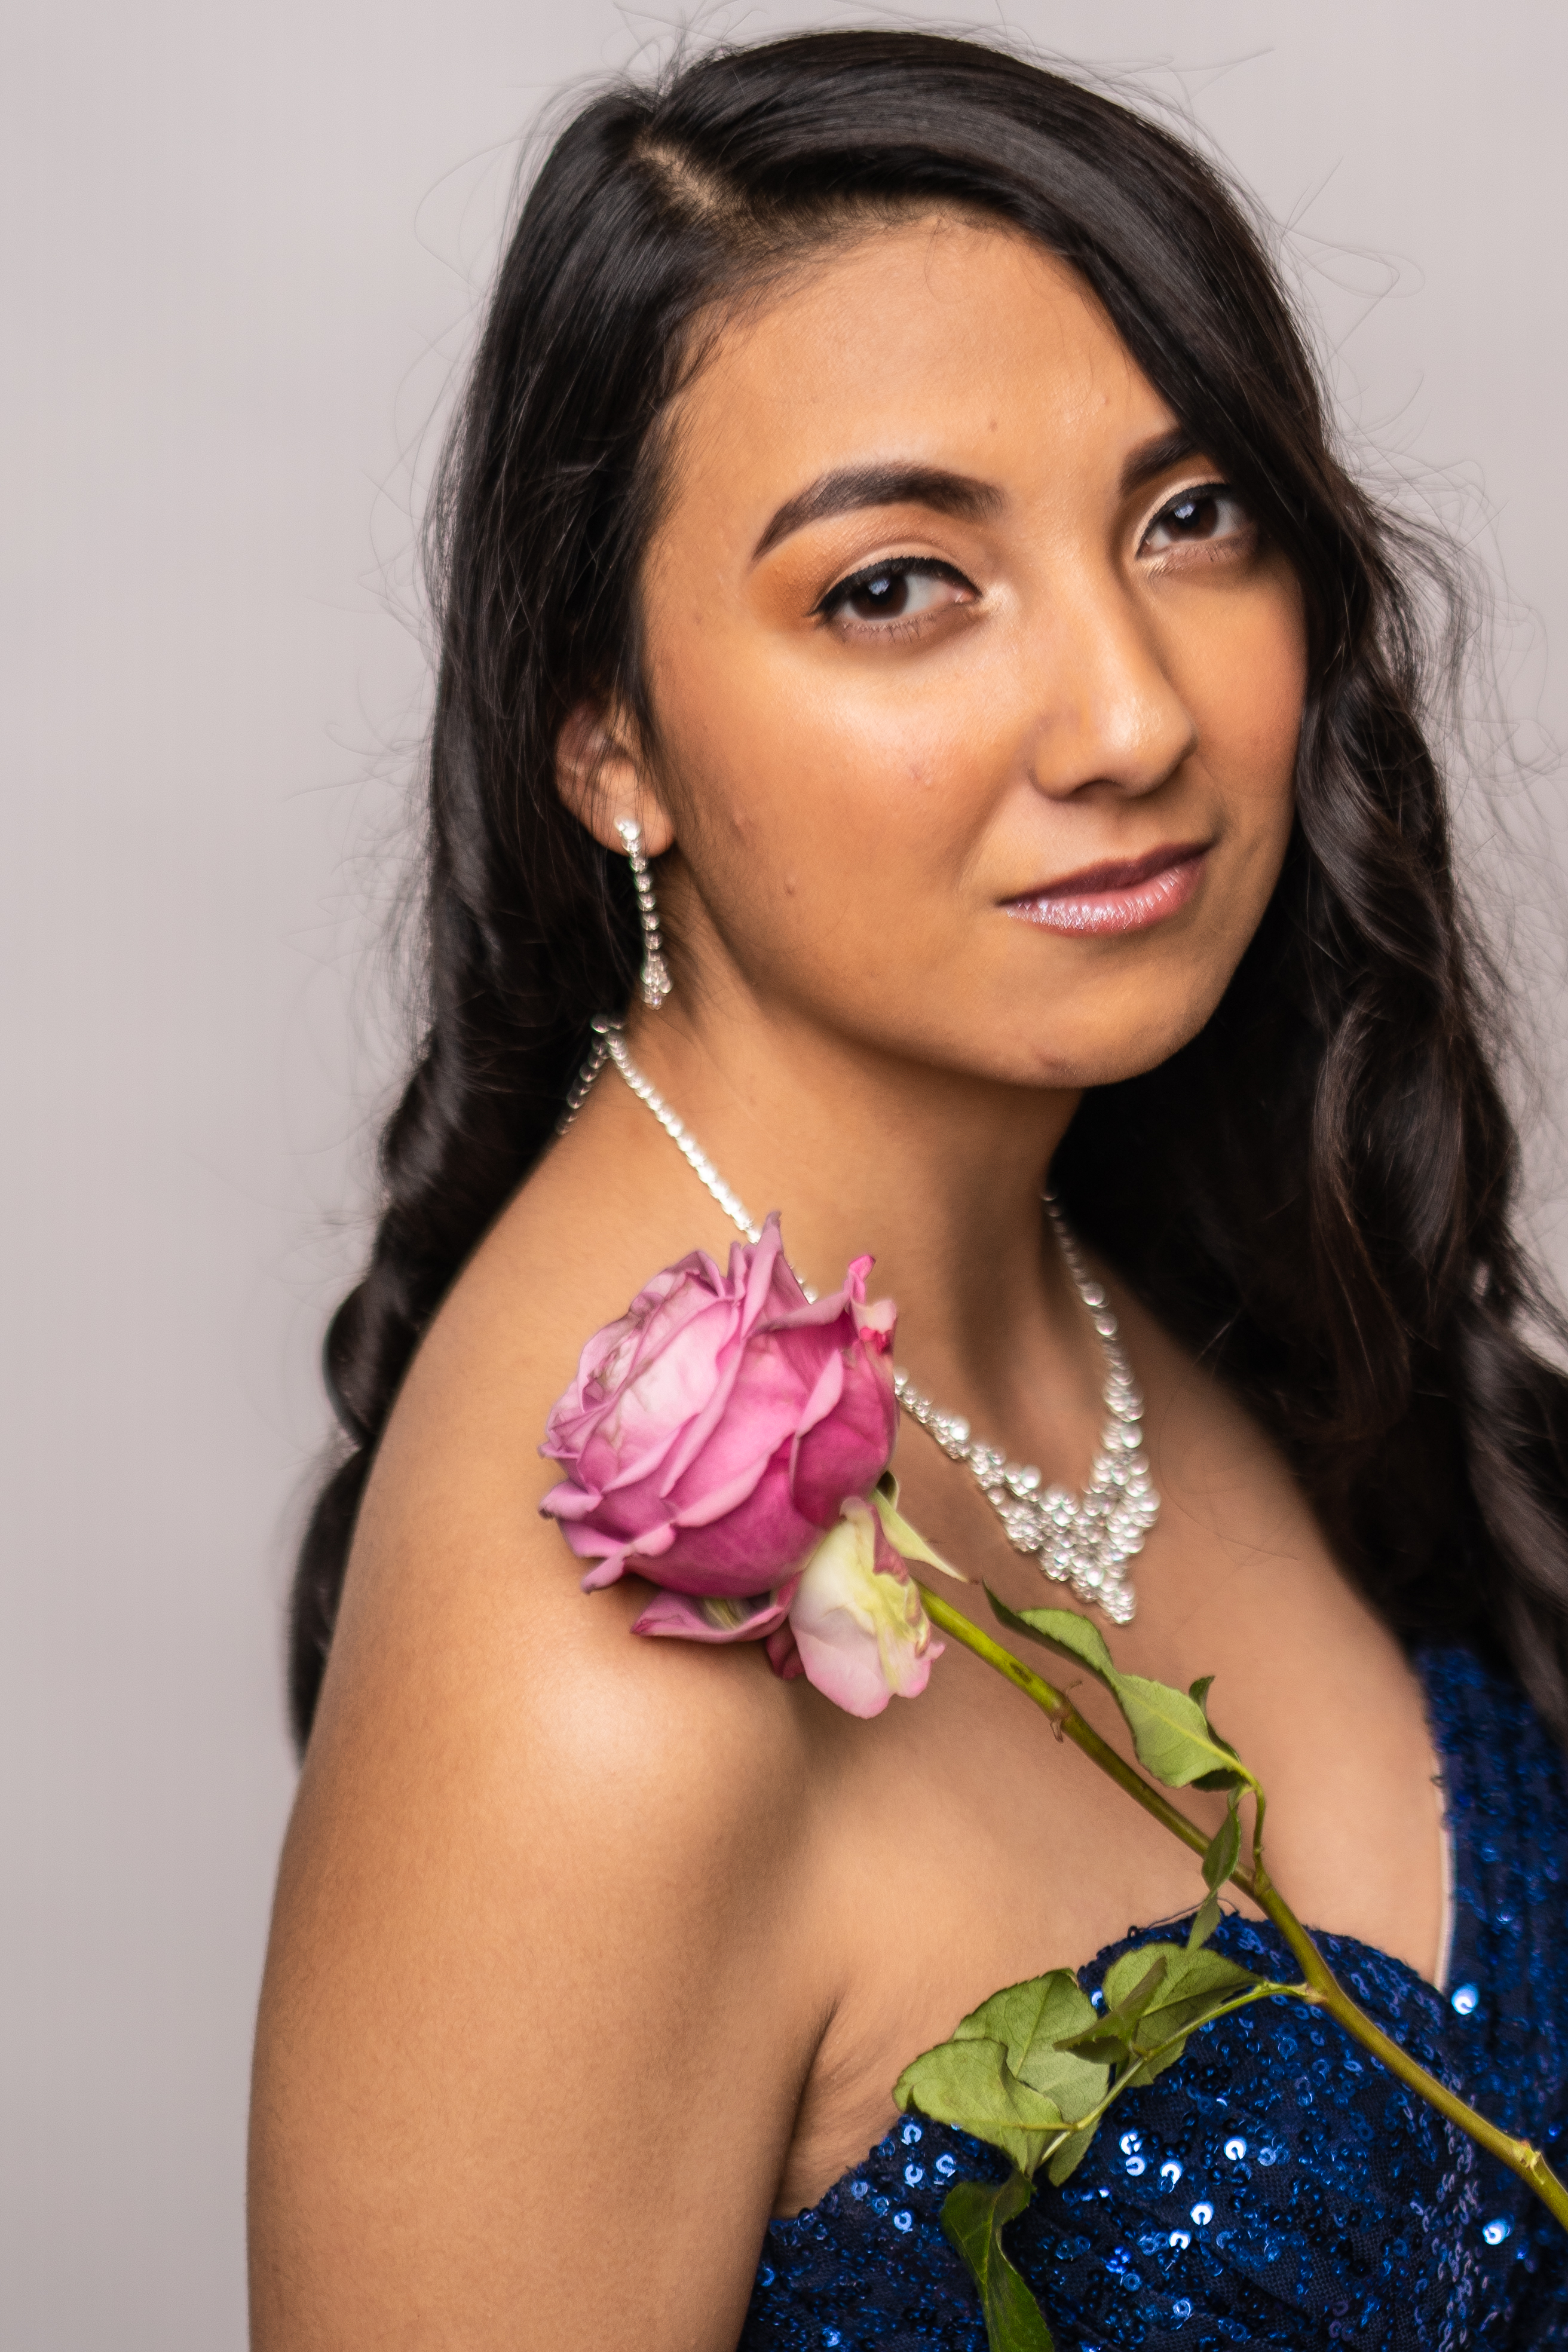 Amanda Prom 3